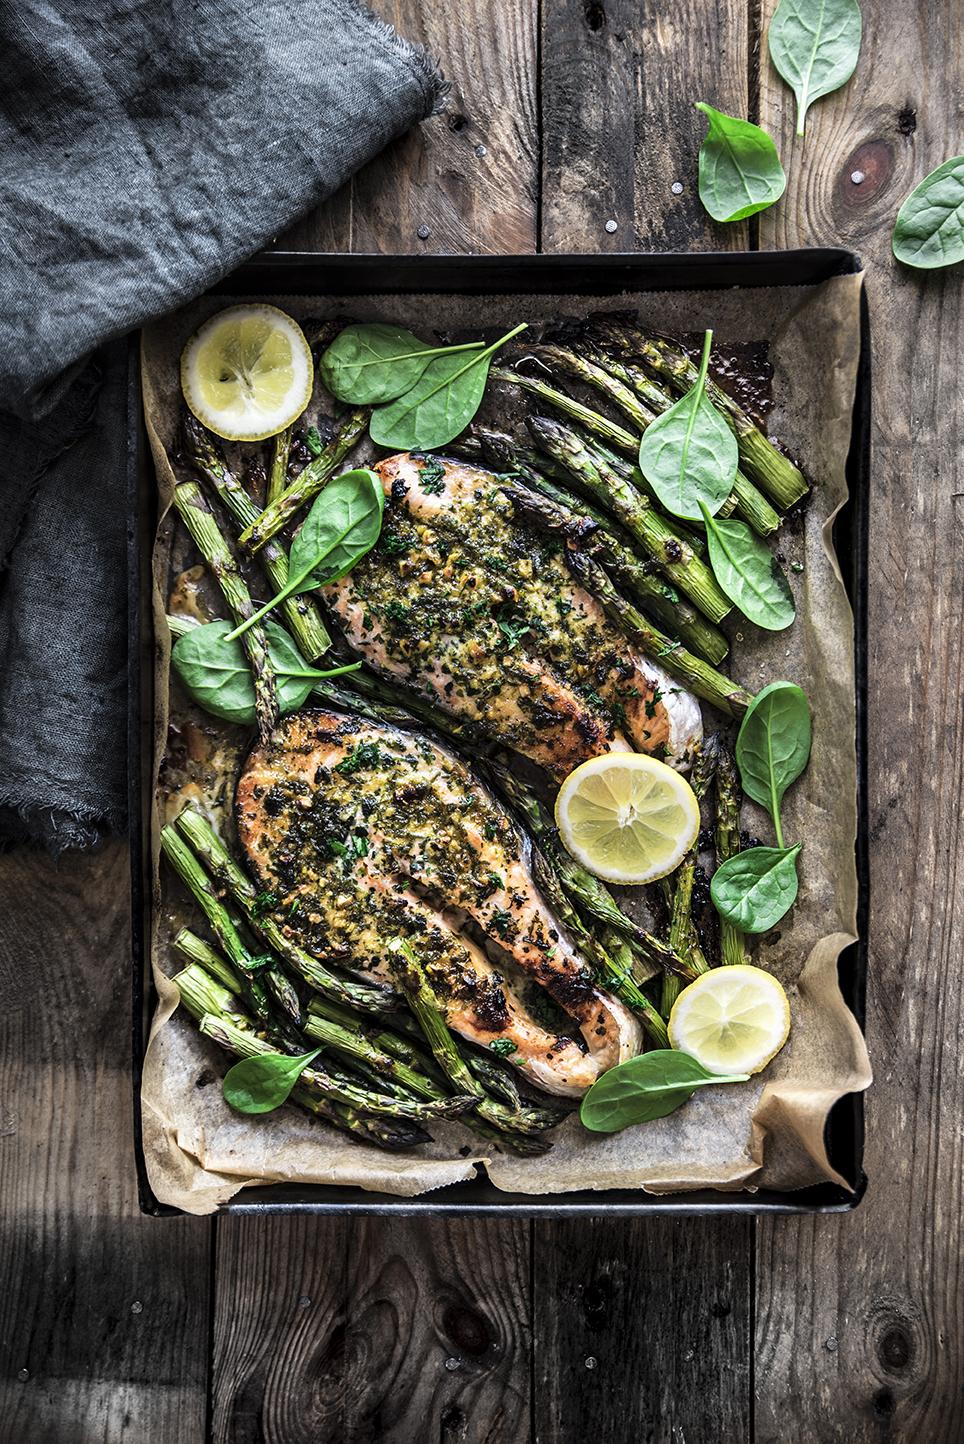 Salmone al forno con asparagi e burro aromatico alla senape e miele